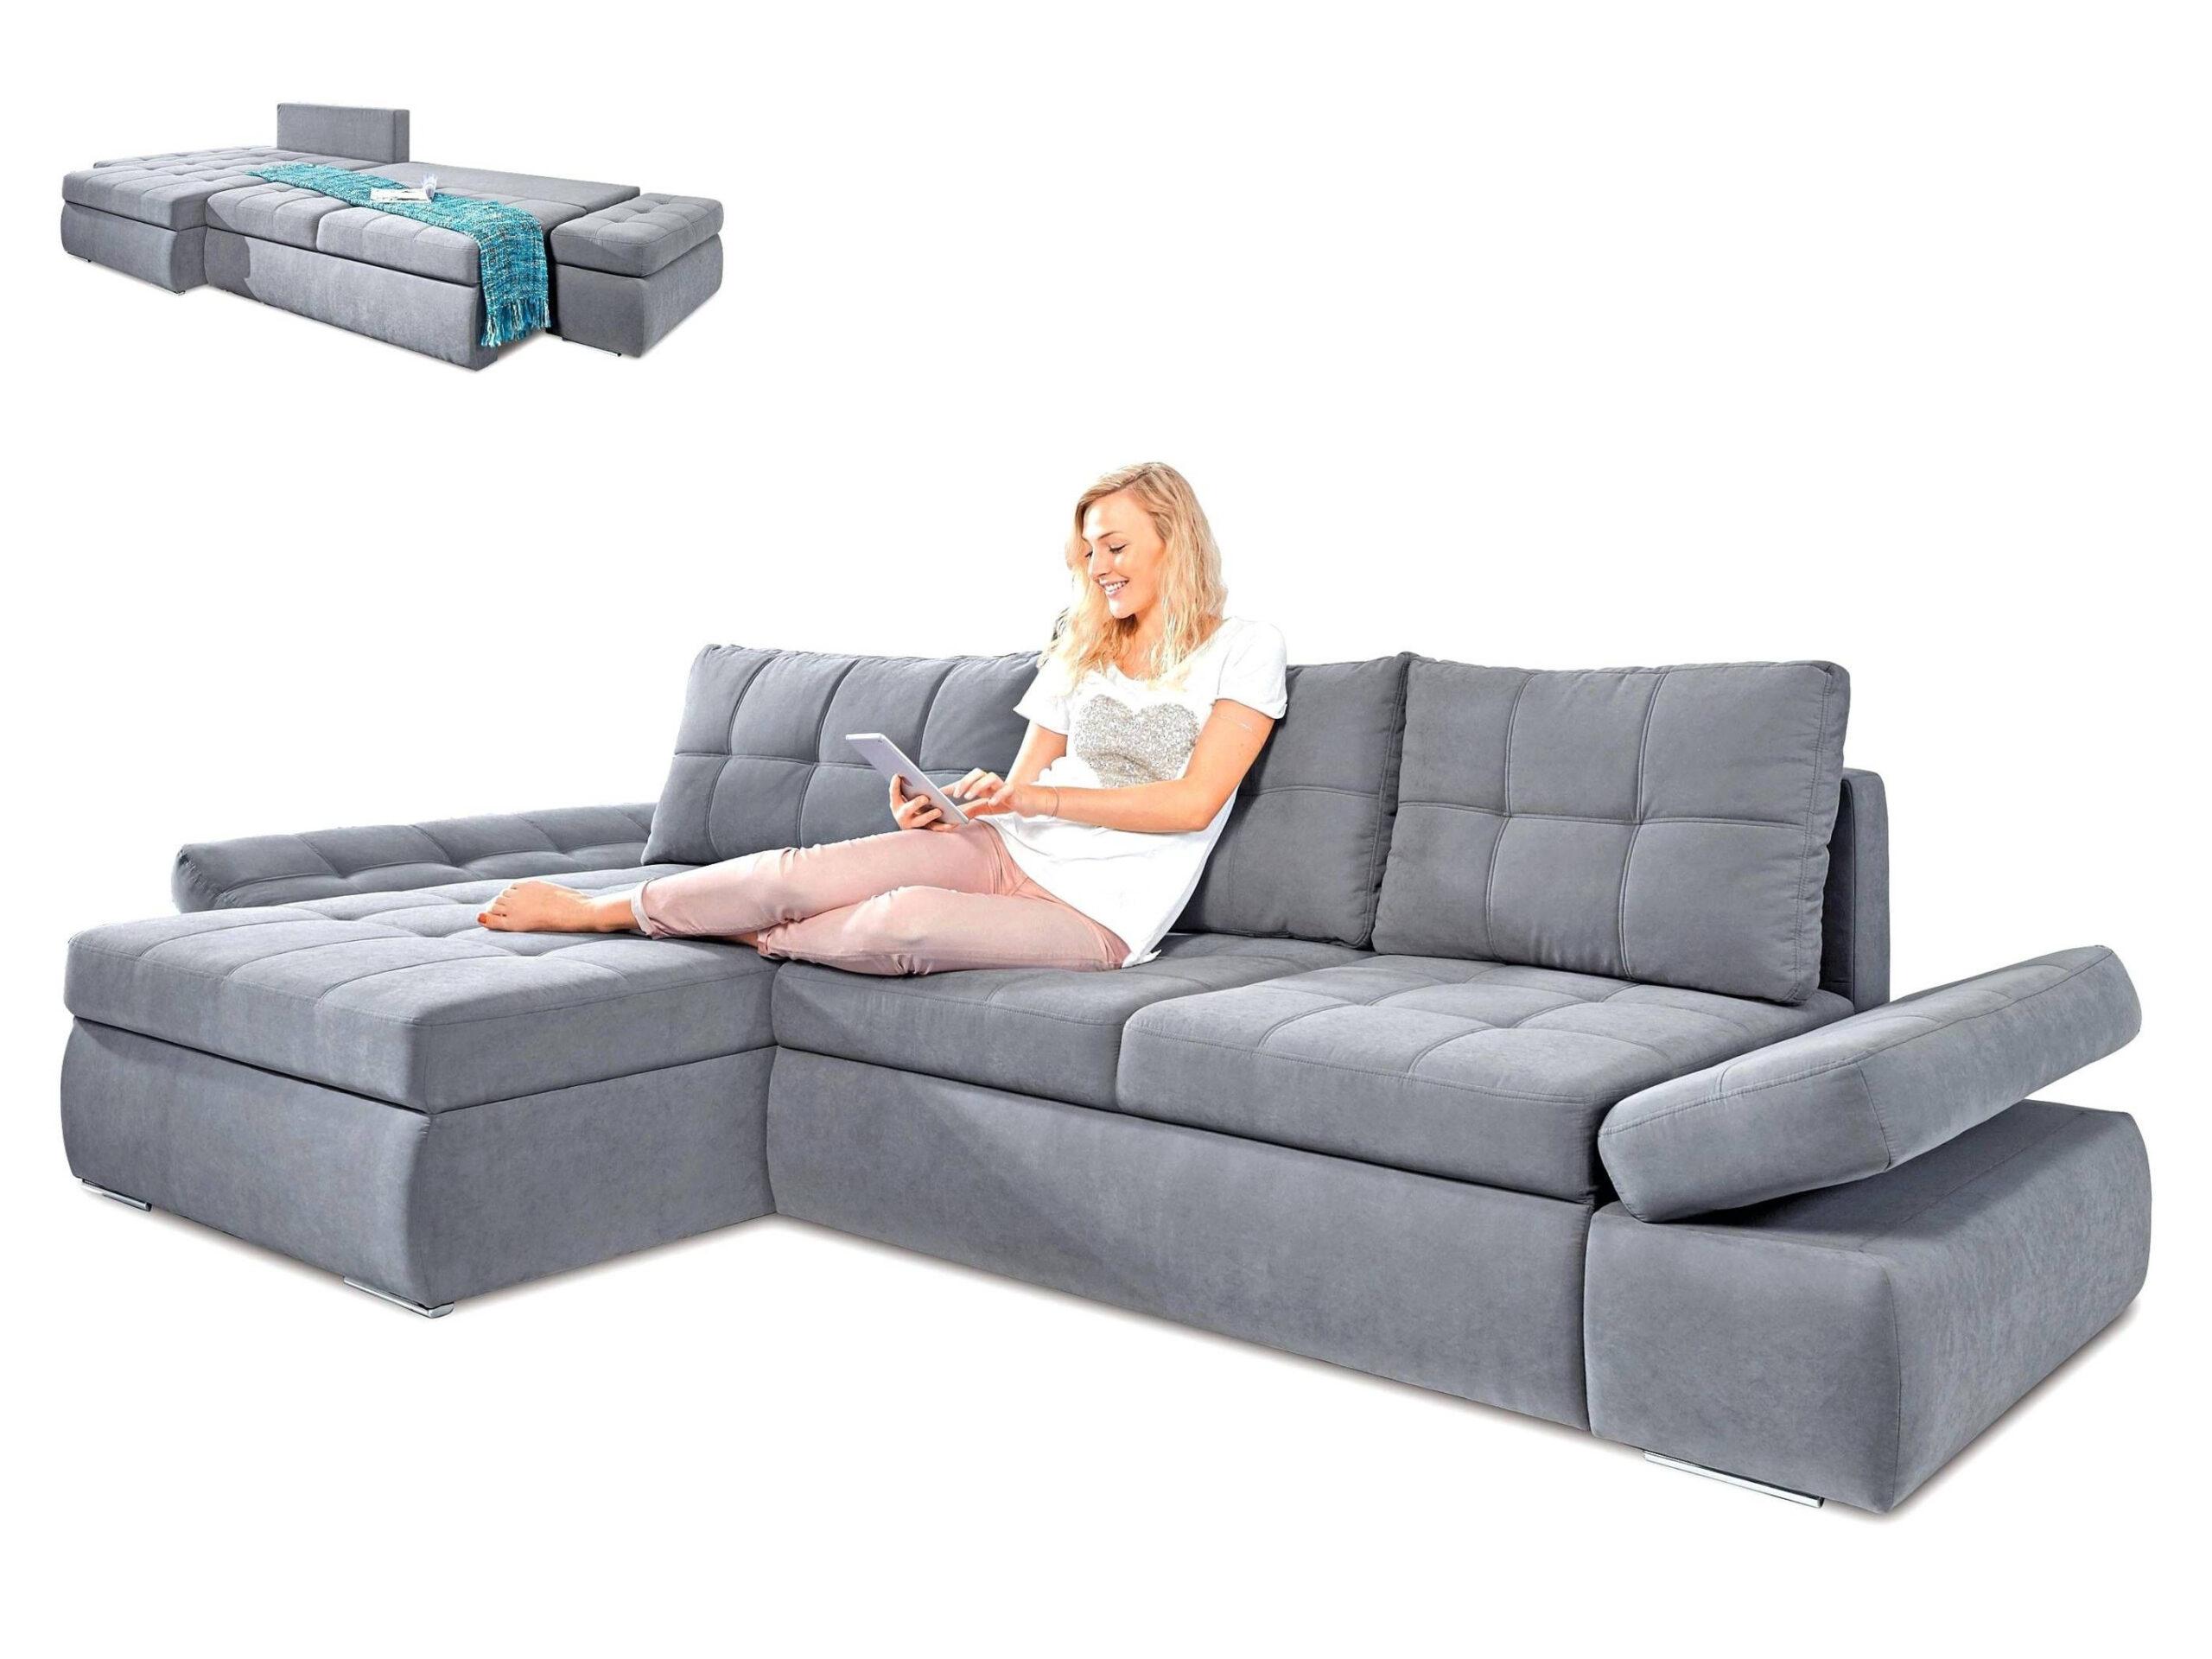 Full Size of Outdoor Sitzsack Ikea Sessel Garten Design Von Sofa Bezug Mit Relaxfunktion Microfaser Rahaus Kolonialstil Federkern Ligne Roset W Schillig Zweisitzer Günstig Sofa Sitzsack Sofa